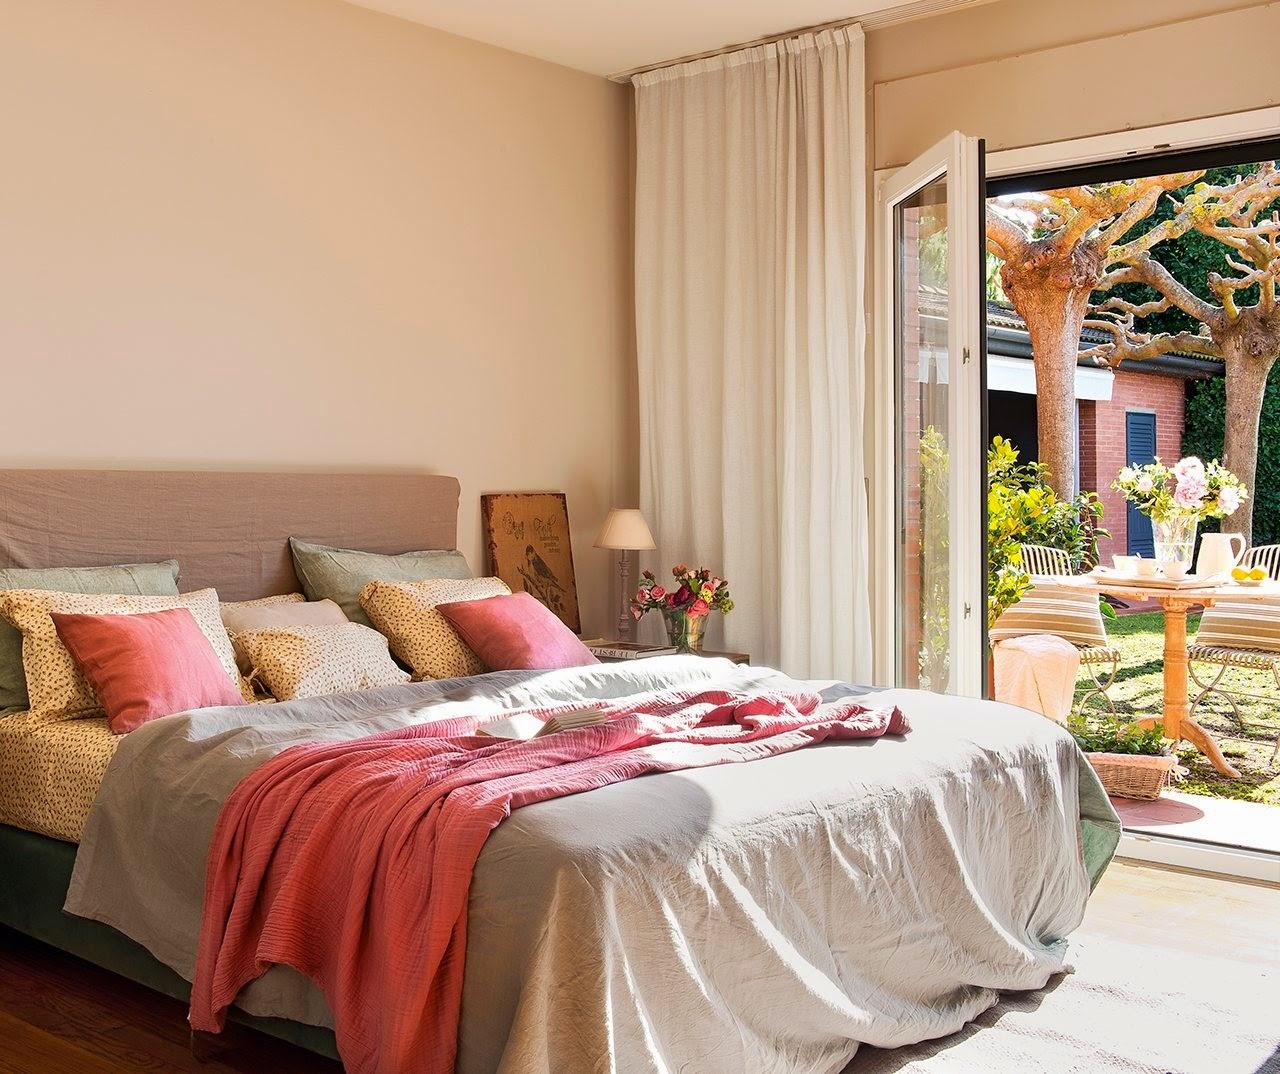 Nekoliko ideja za uređenje spavaće sobe  MojStan.net